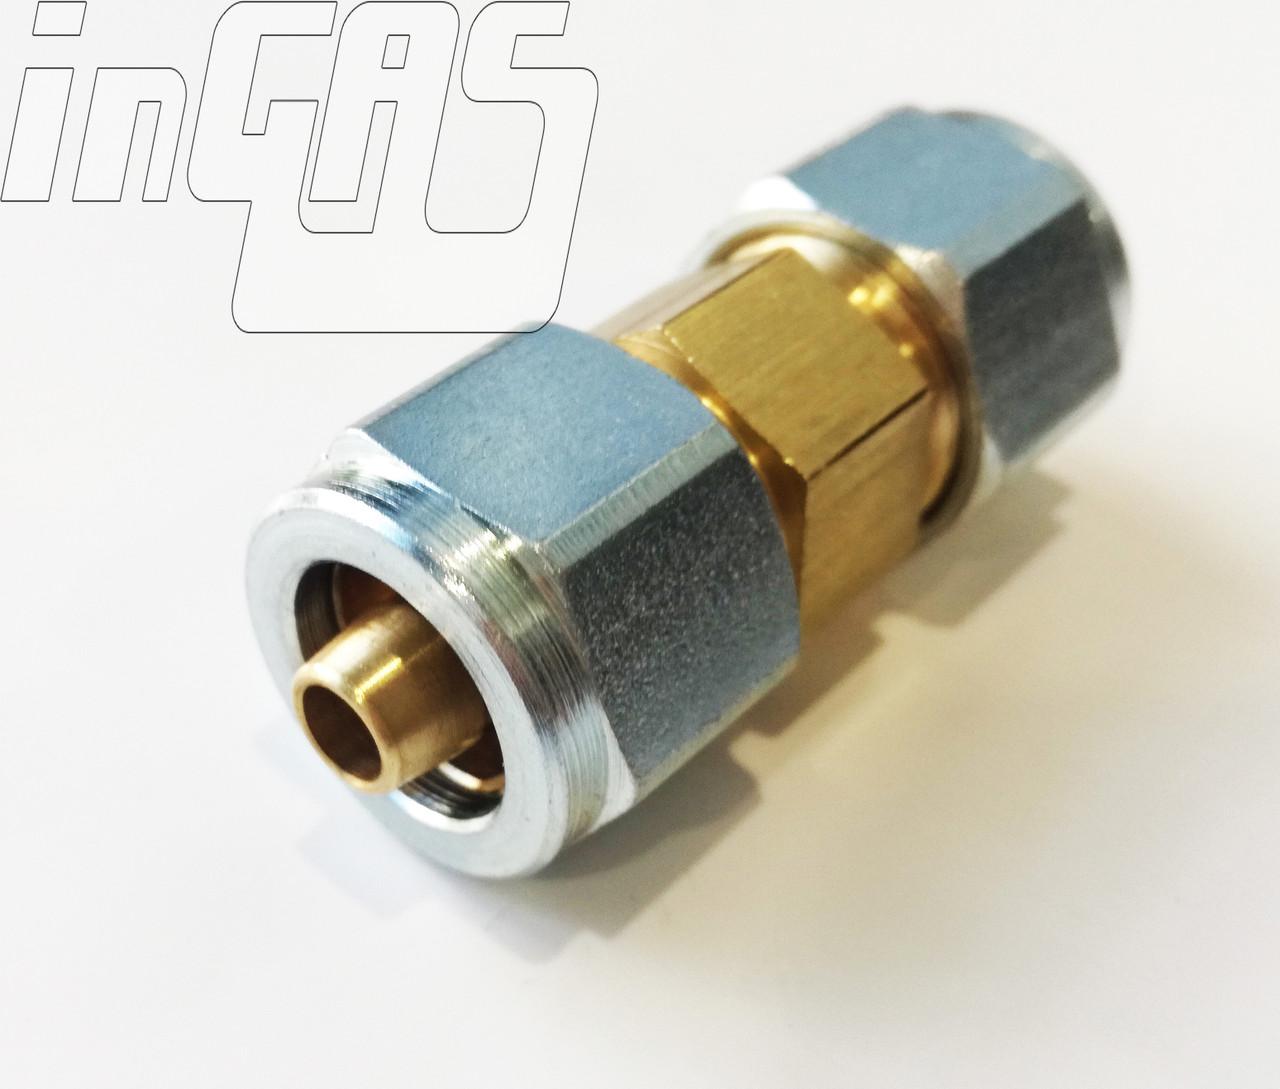 Переходник  соединитель D8-D8 ПВХ-ПВХ, гайка+ниппель, для термопластиковой трубки, FARO